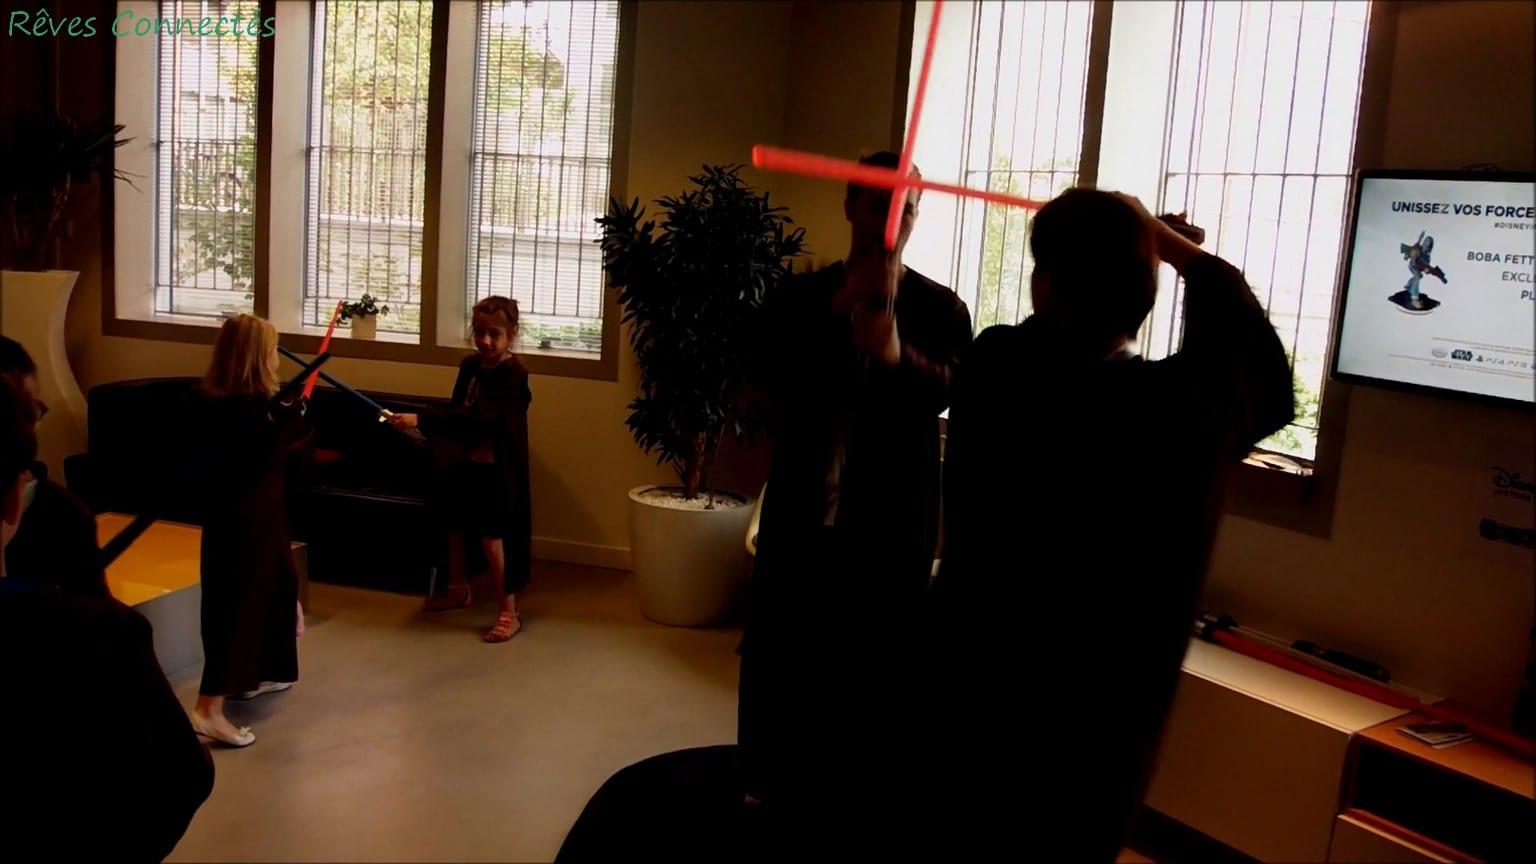 Disney Infinity 3.0 - Jedi Academy